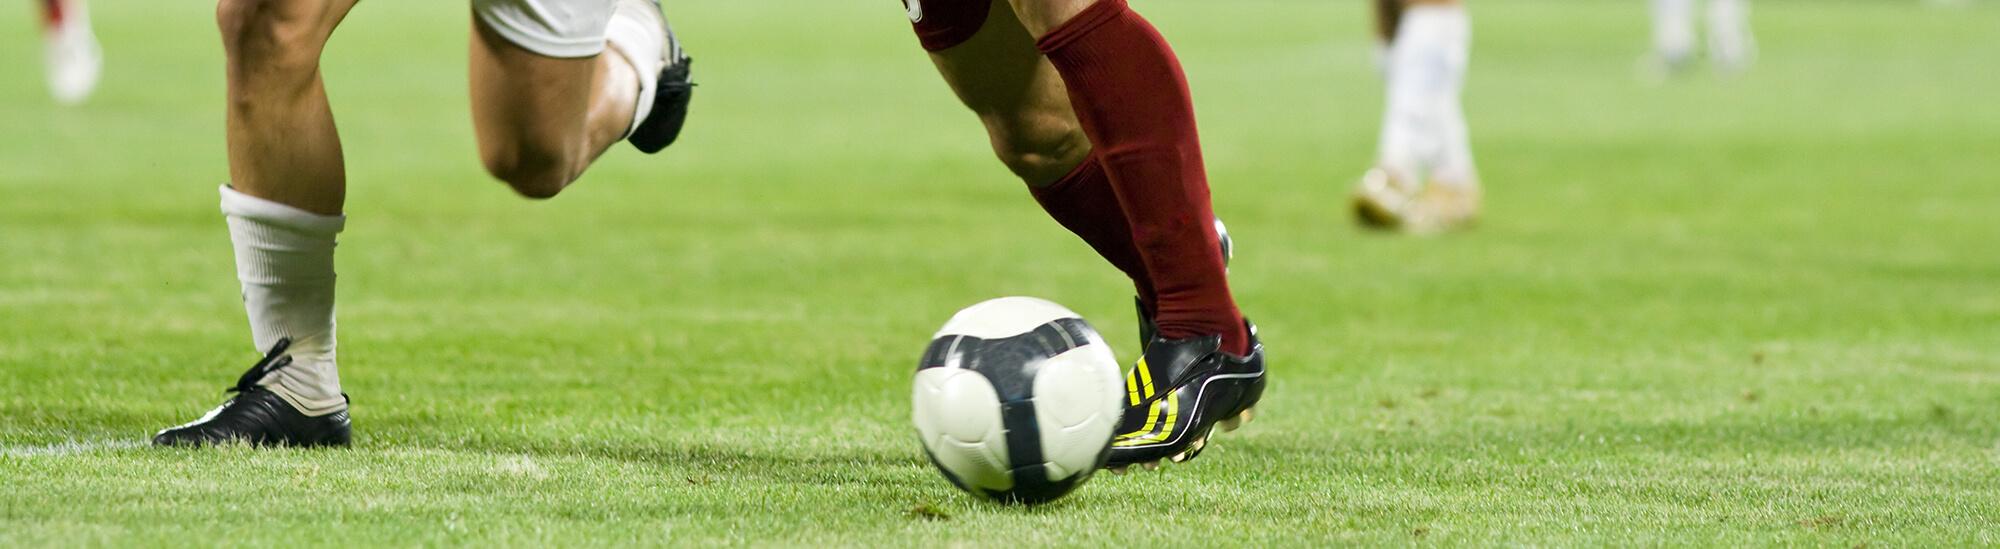 fotboll_slider